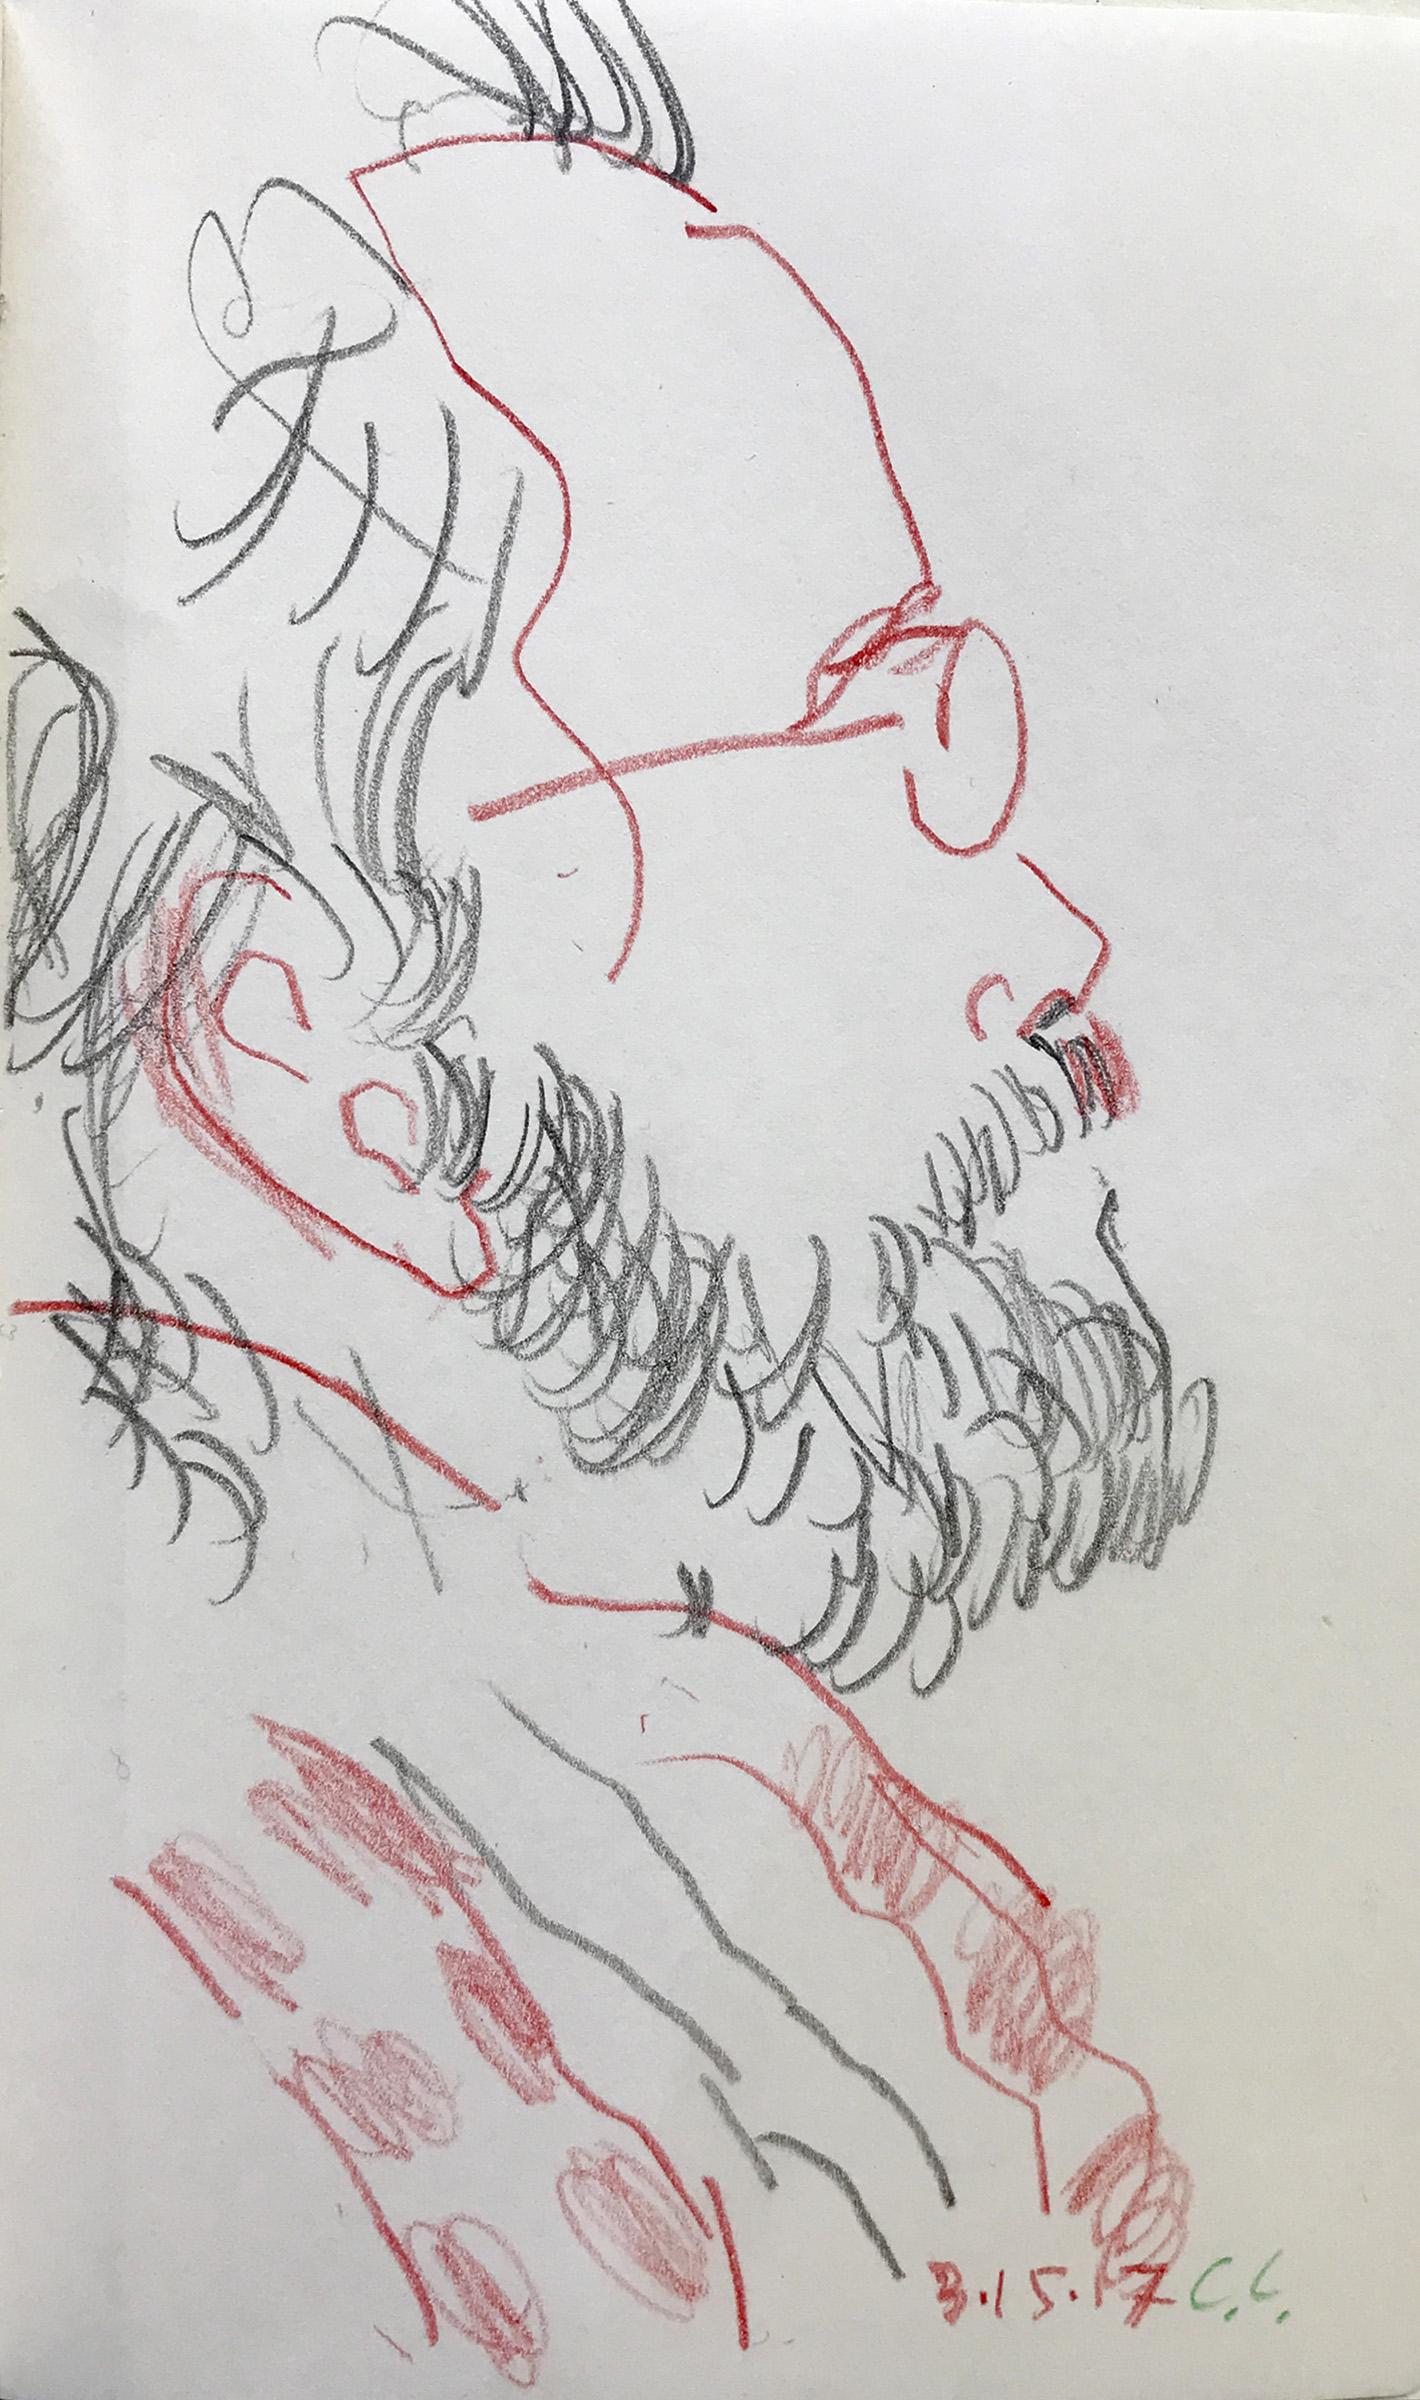 3/15/17 drawing